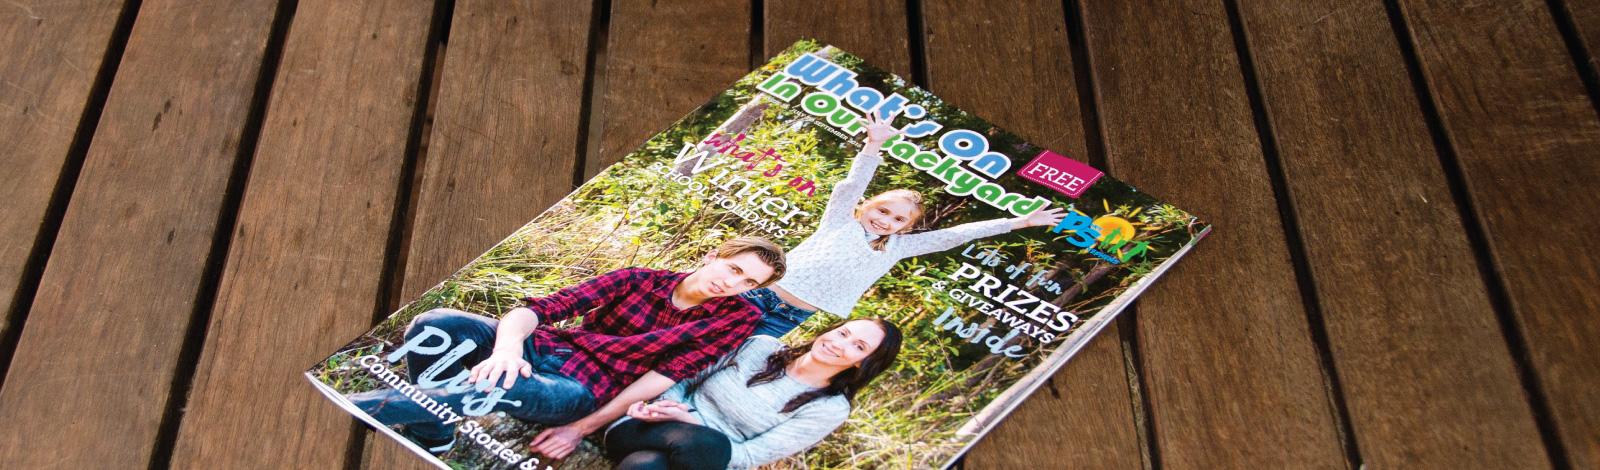 Issue-23-slider